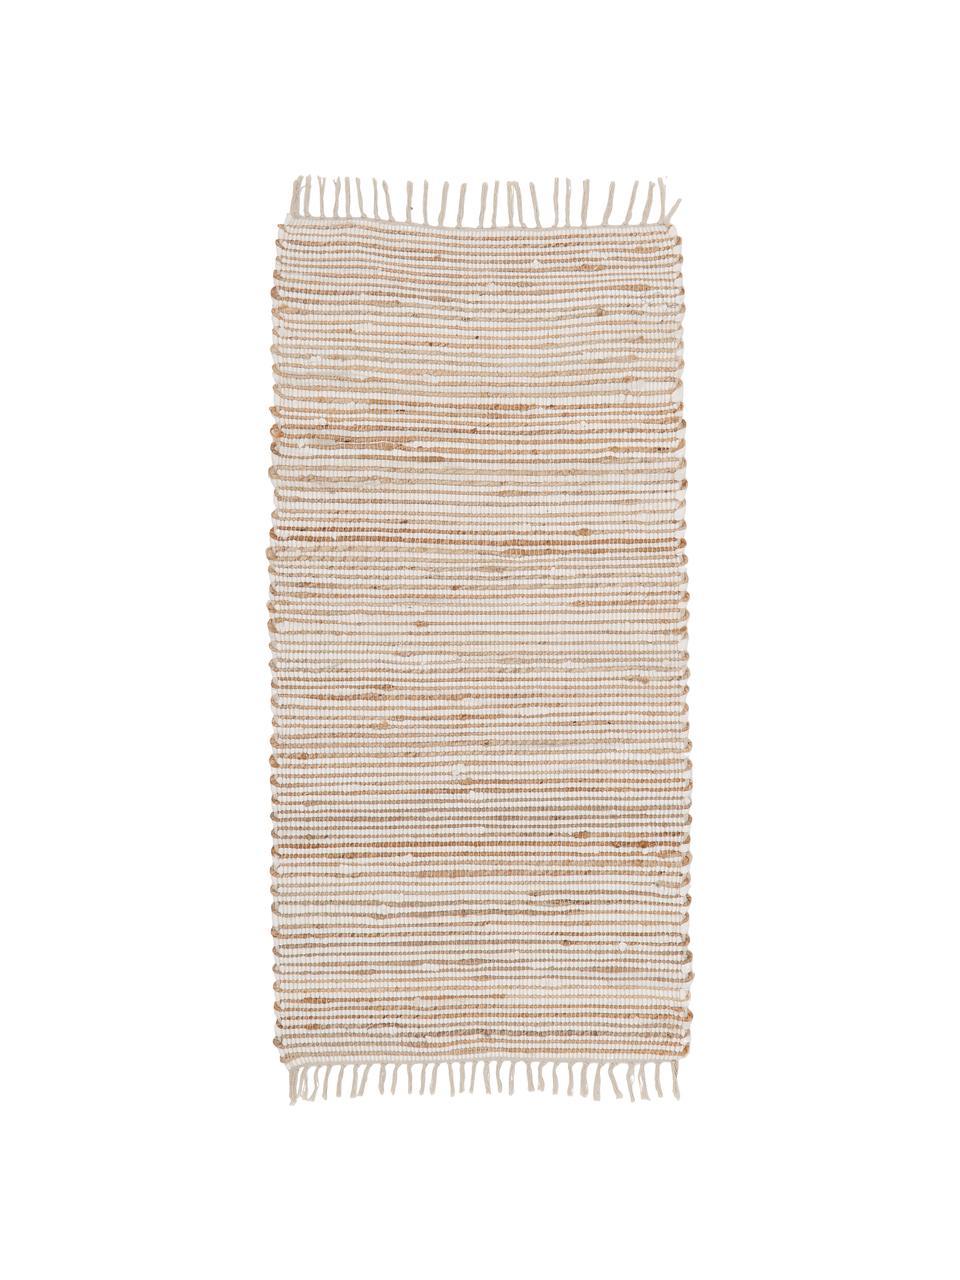 Teppich Arlid aus Baumwolle/Hanffasern, 60% Baumwolle, 40% Hanffasern, Creme, Beige, B 60 x L 120 cm (Größe XS)